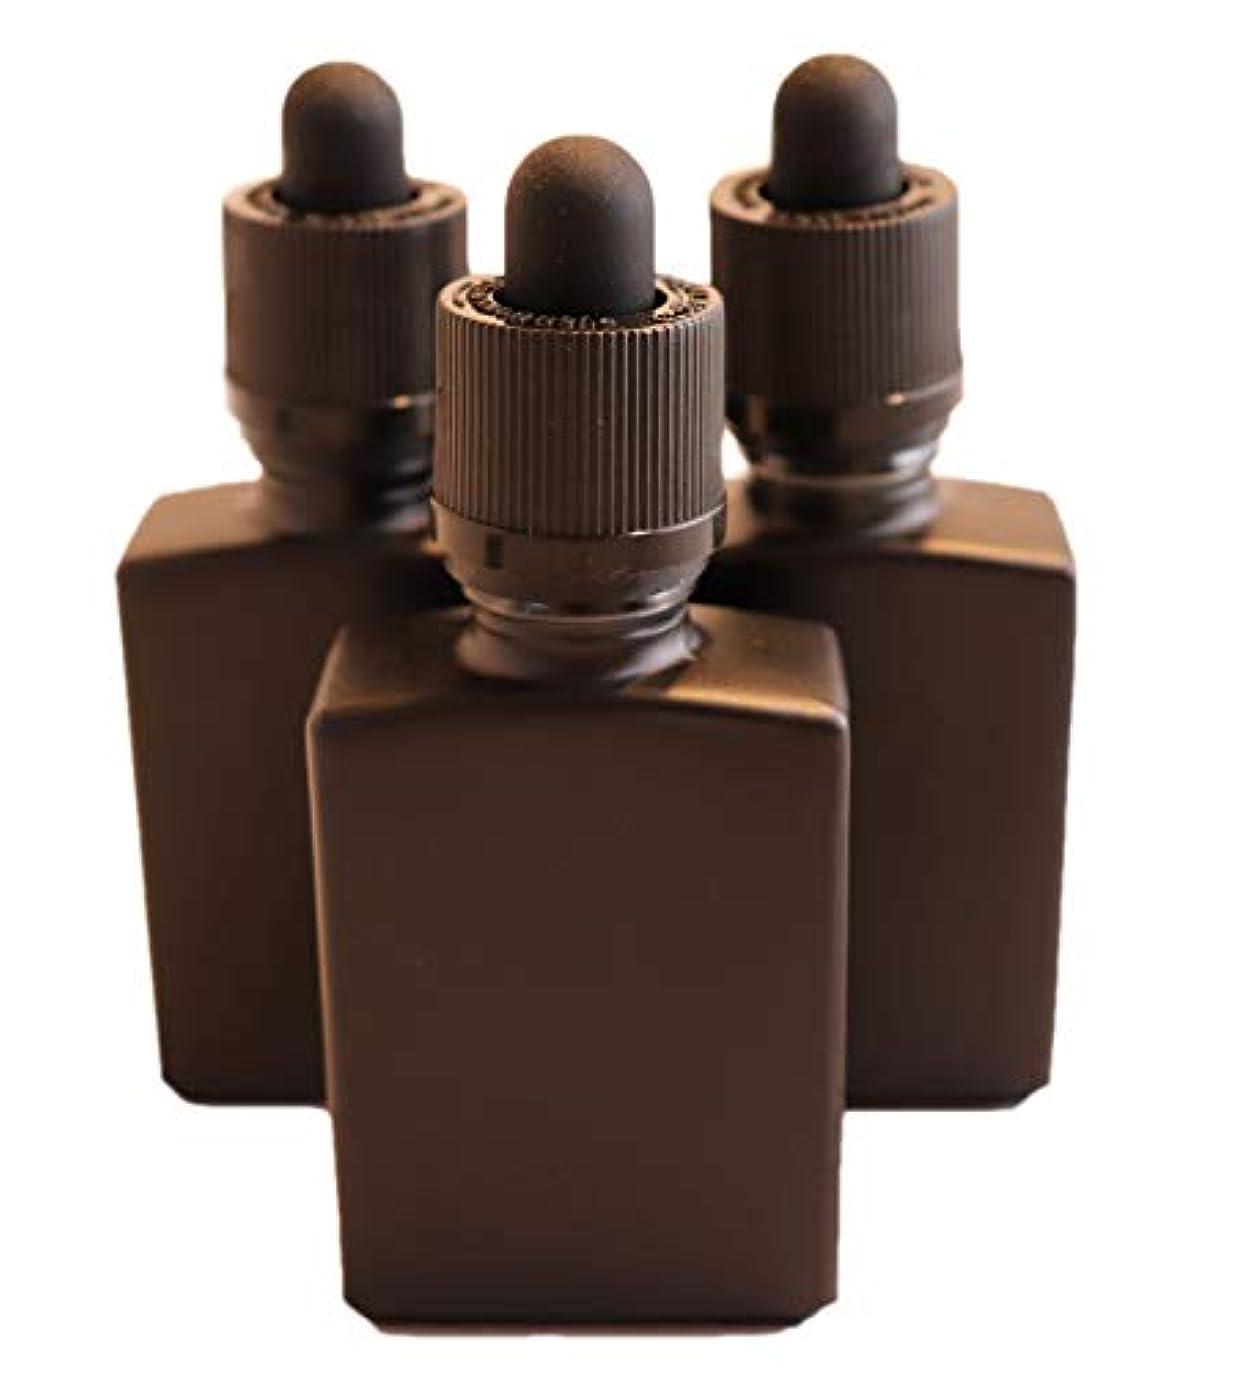 どこにでも些細最初は4 Queens ガラス製スポイト遮光瓶【チャイルドロック付き】30ml 3本セット アロマ 香水 リキッド保存用 詰め替え用 マットブラック